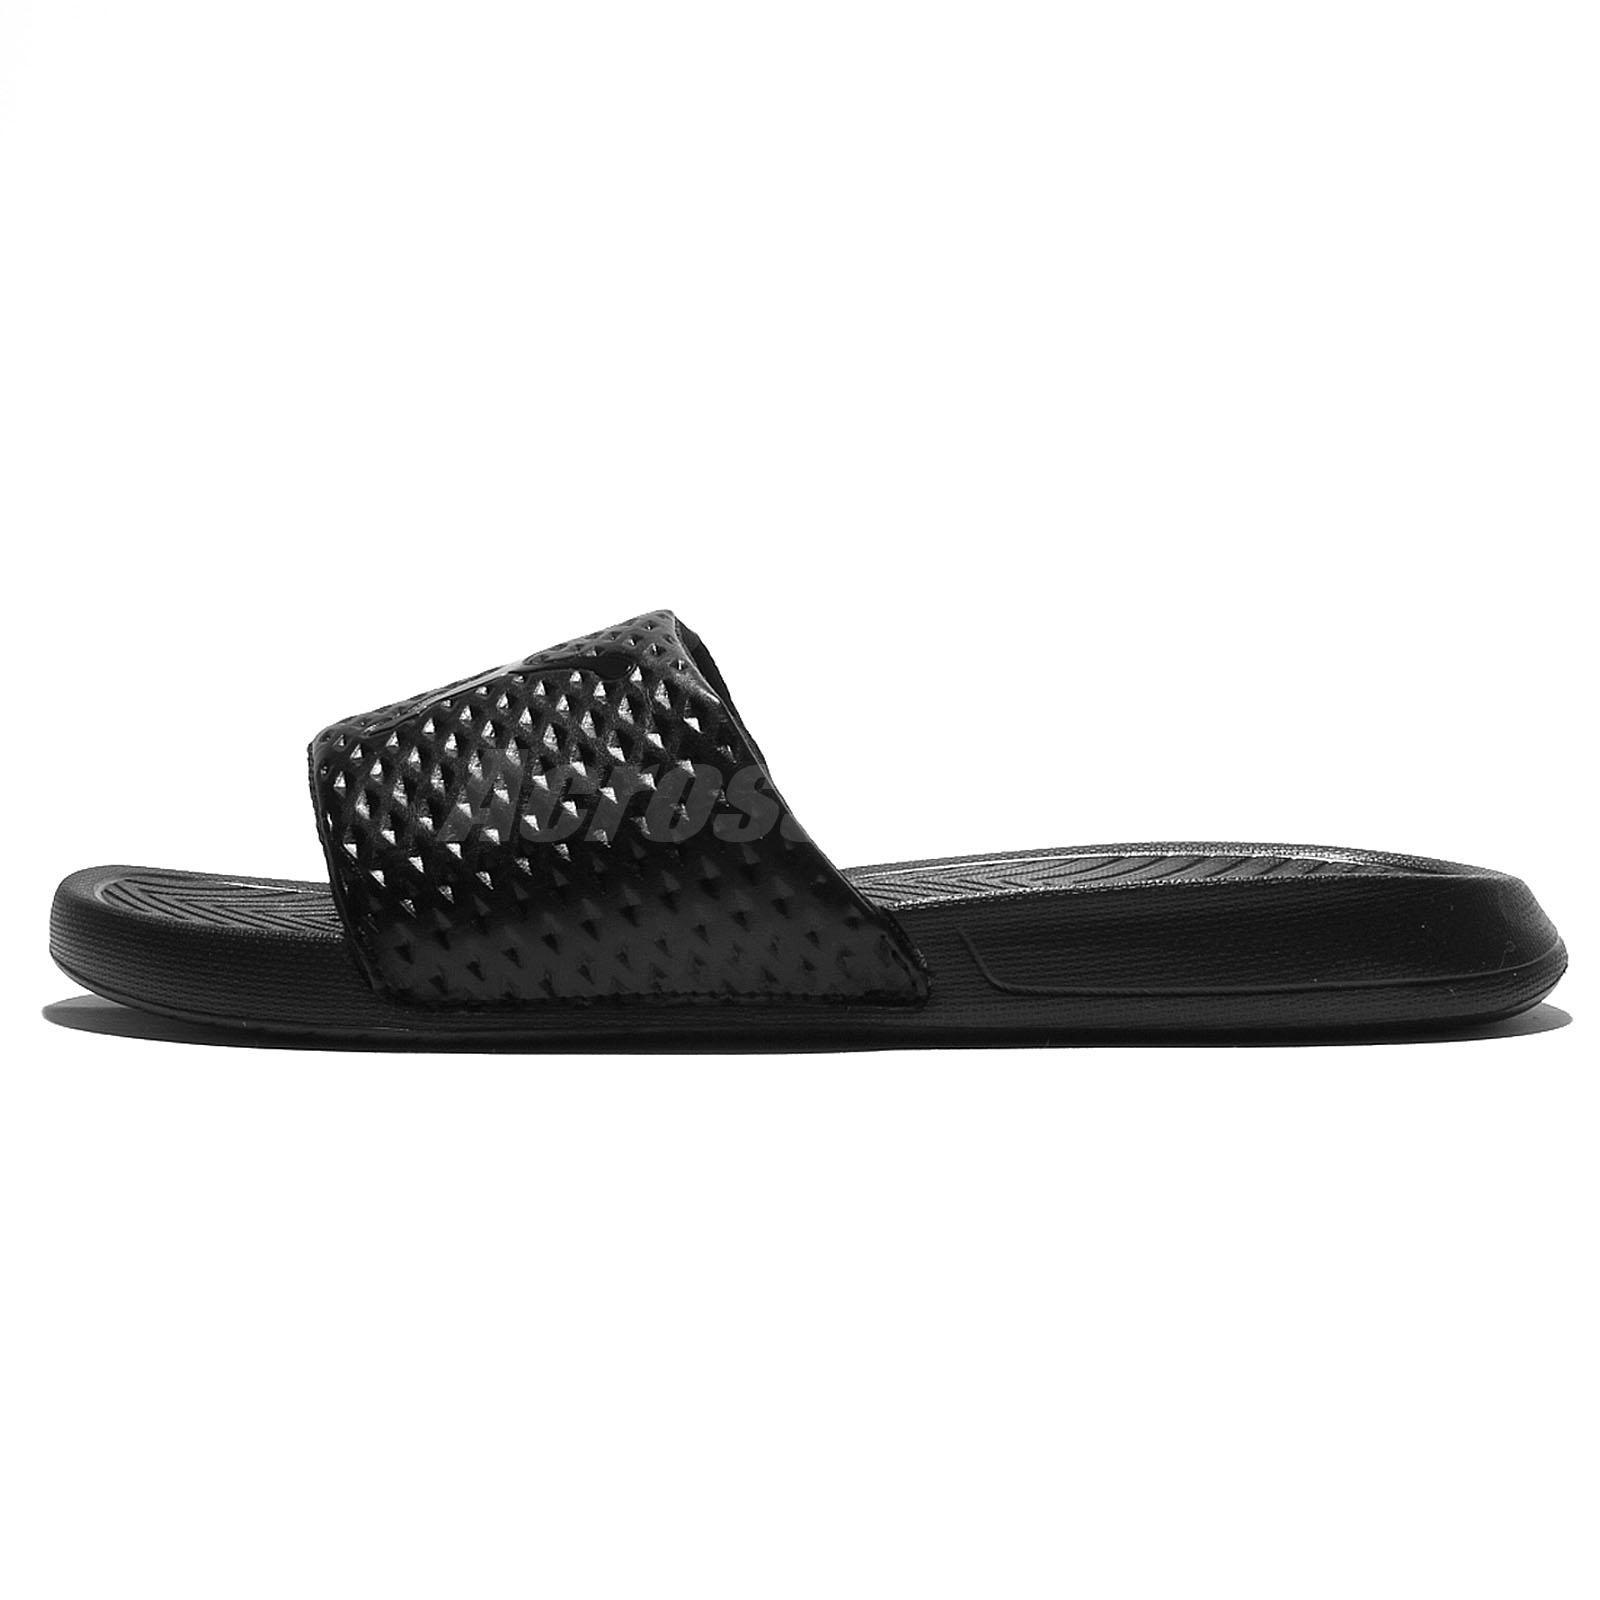 32e9bf2f0 Puma Popcat Premium Black Men Sandal Slides Slippers 362458-02